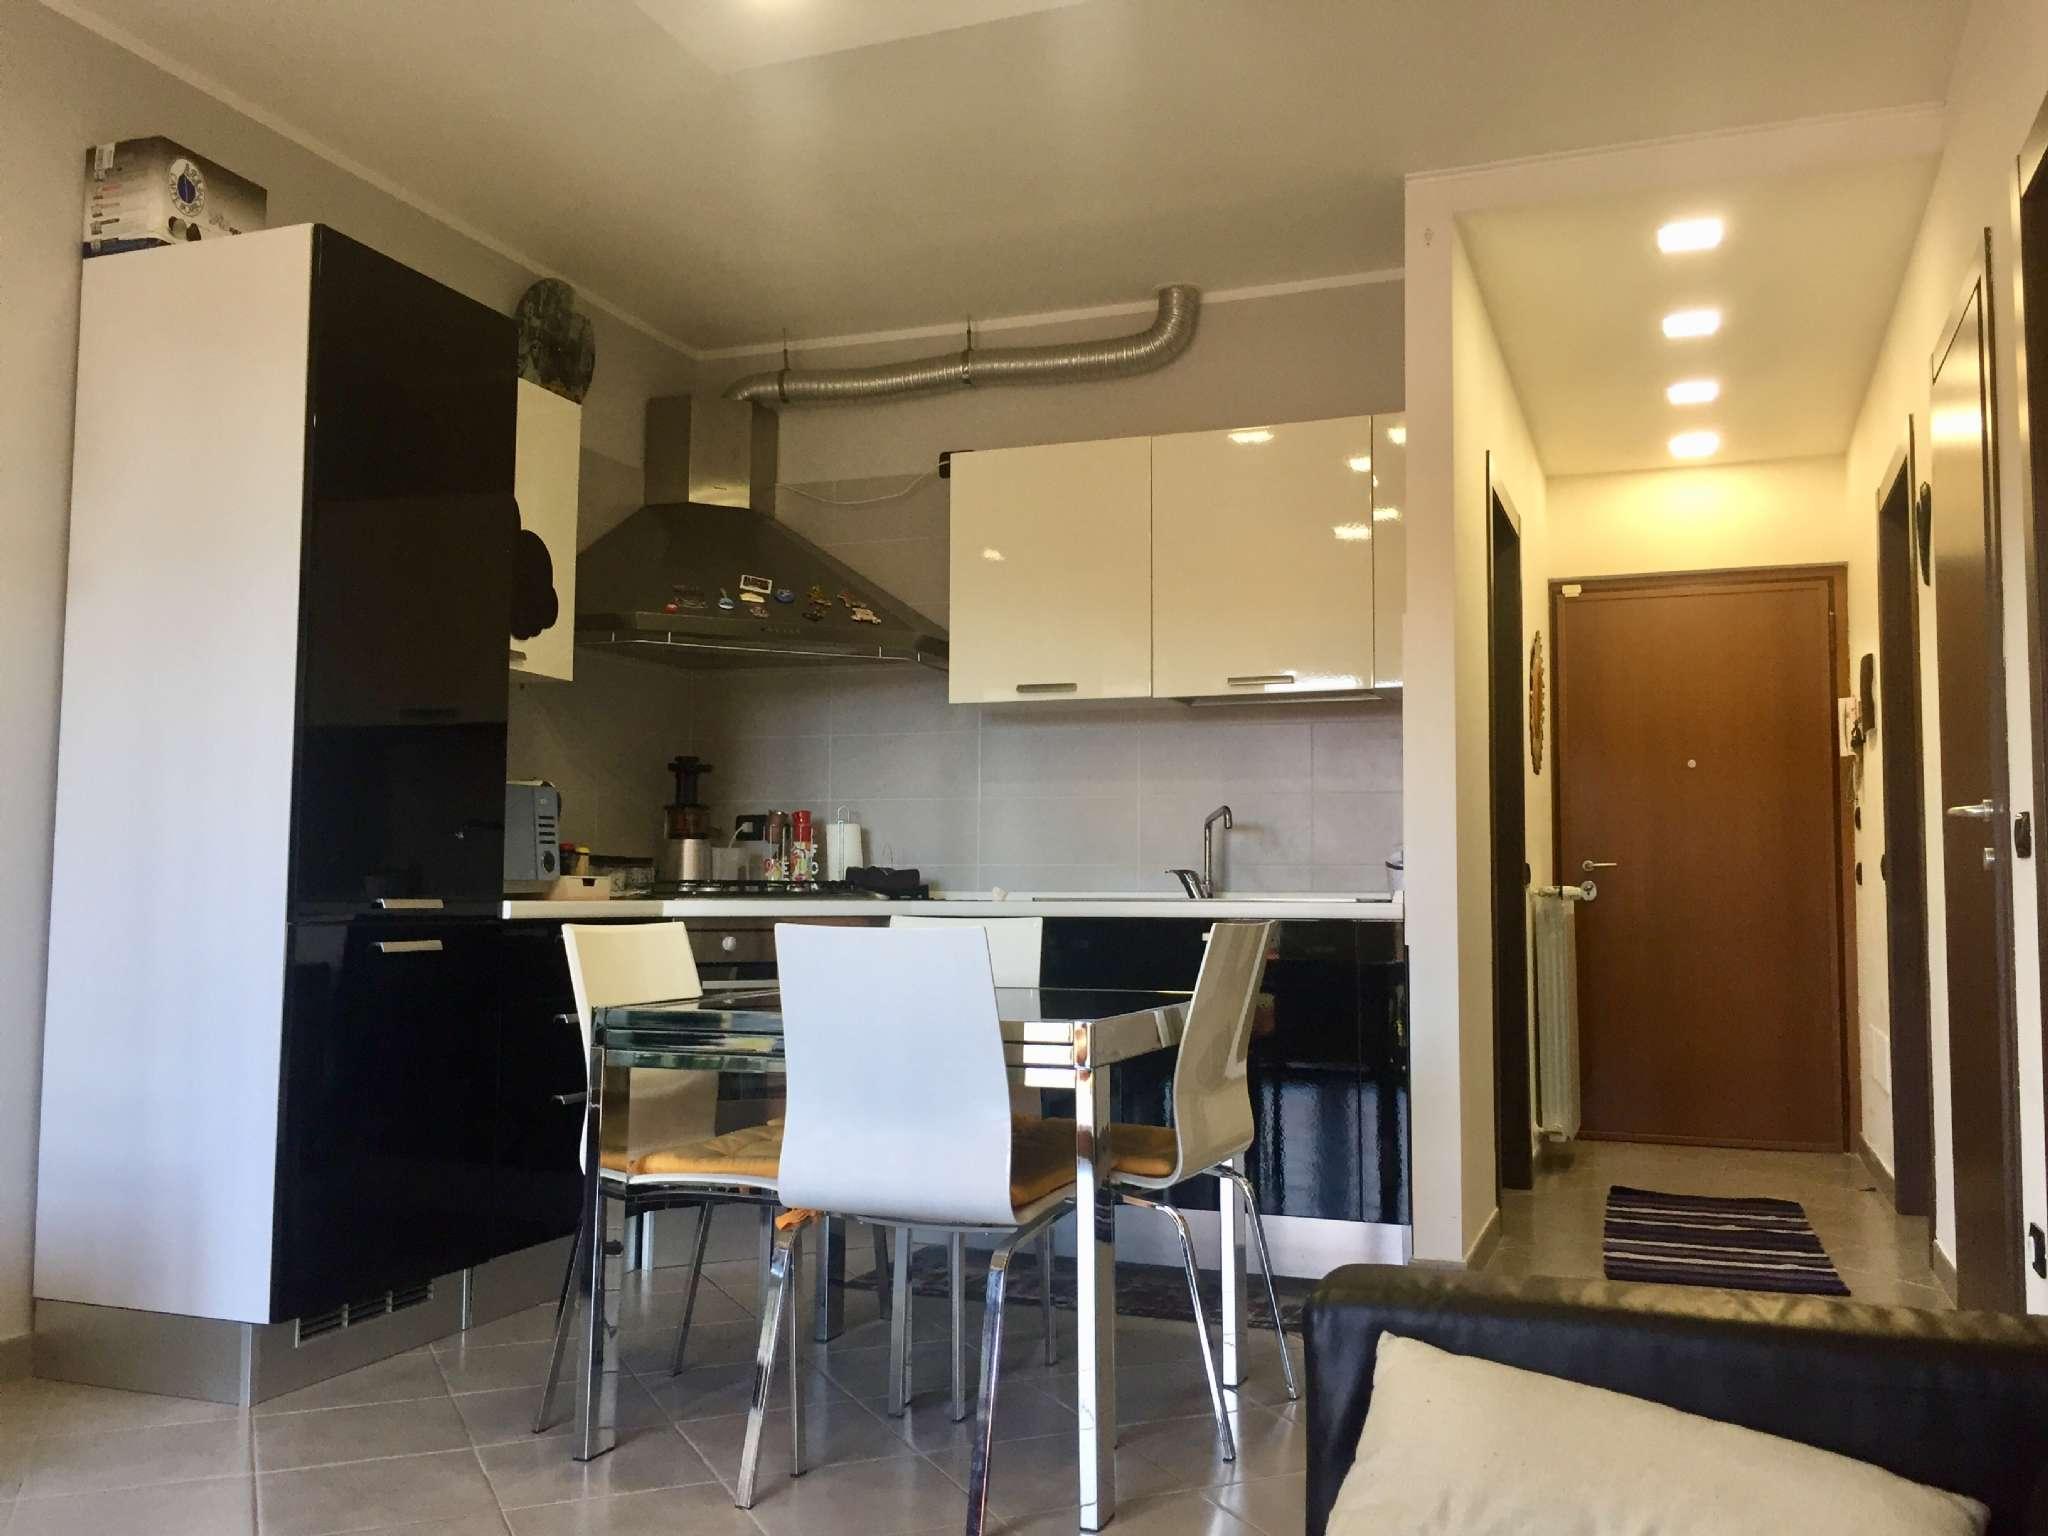 Appartamento in vendita a Cocquio-Trevisago, 3 locali, prezzo € 150.000 | CambioCasa.it